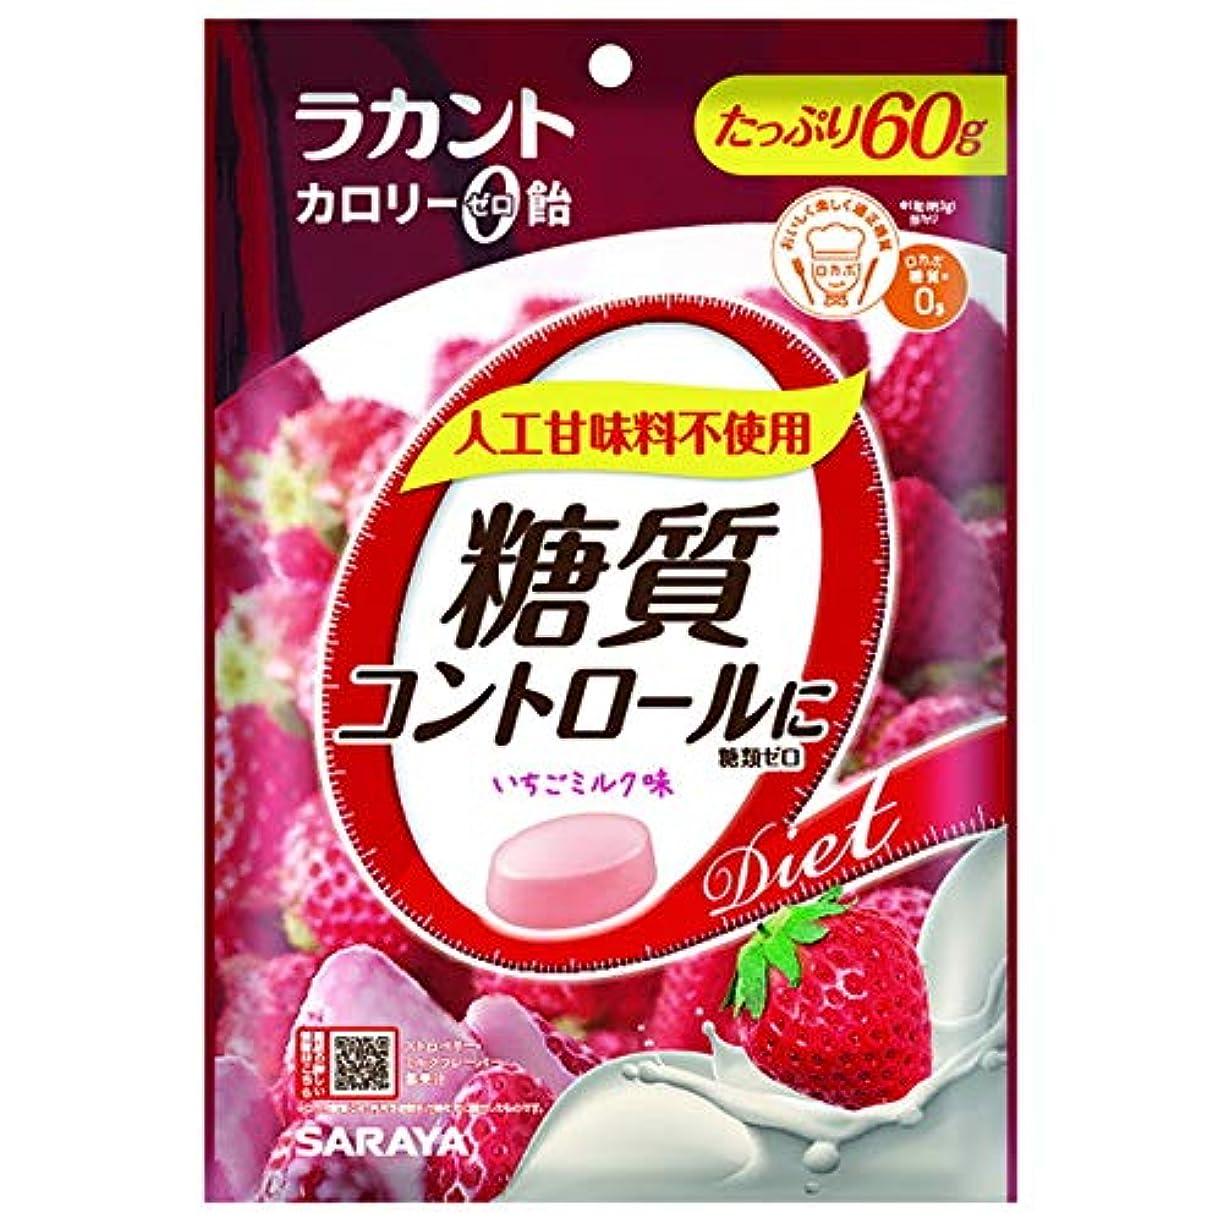 隣接ハンドブック出撃者ラカント カロリーゼロ飴 いちごミルク 60g【3個セット】